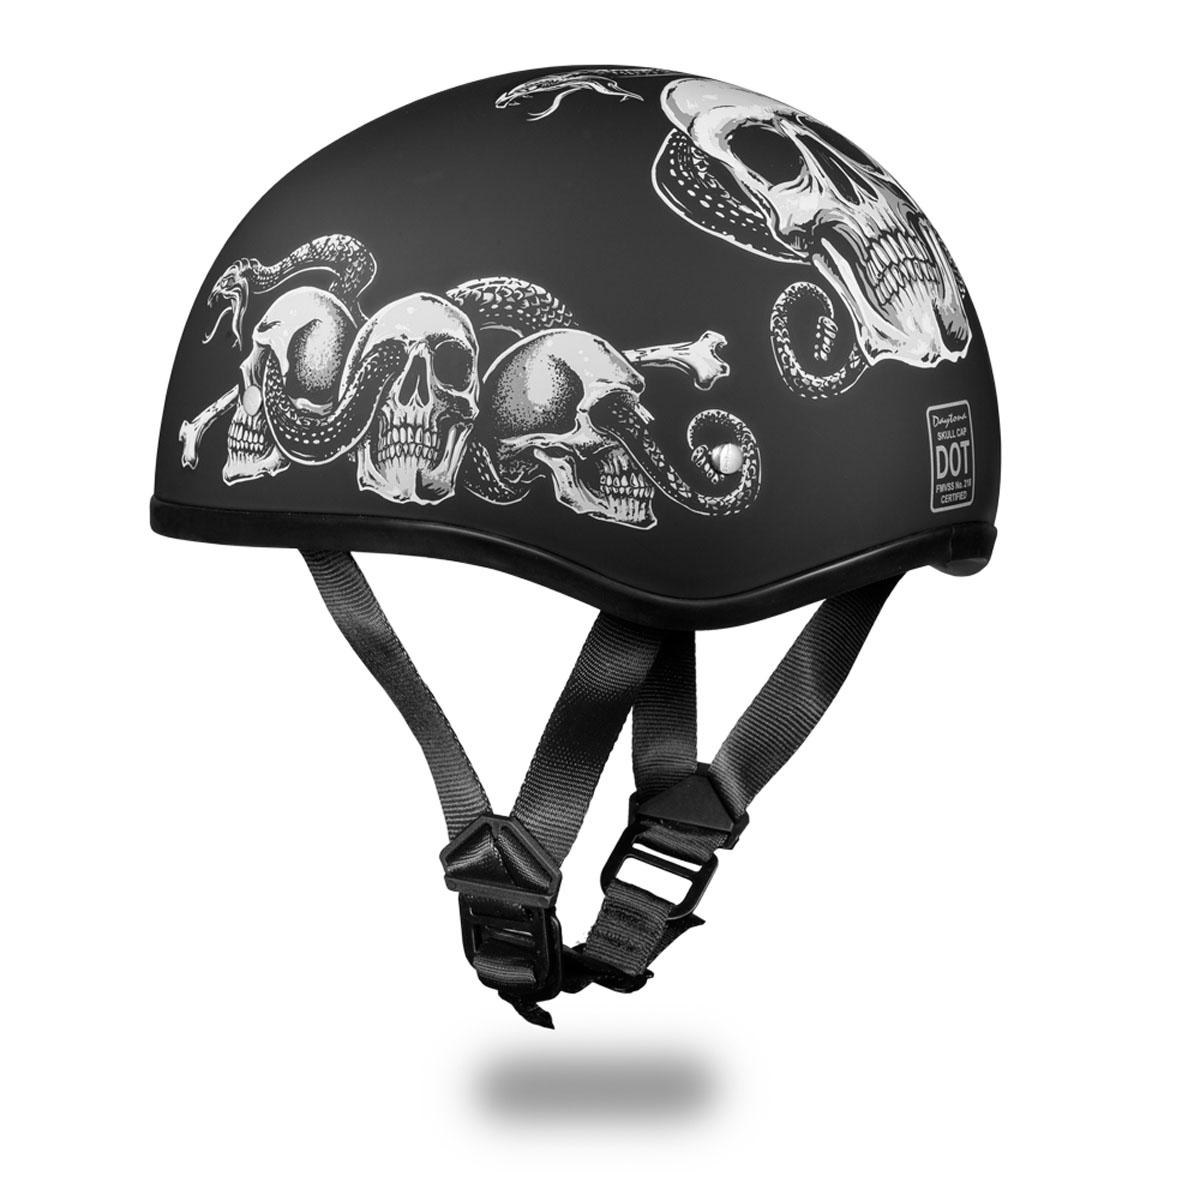 40102651829 Daytona Skull Cap Slim Line Helmet Snake Skulls. Previous